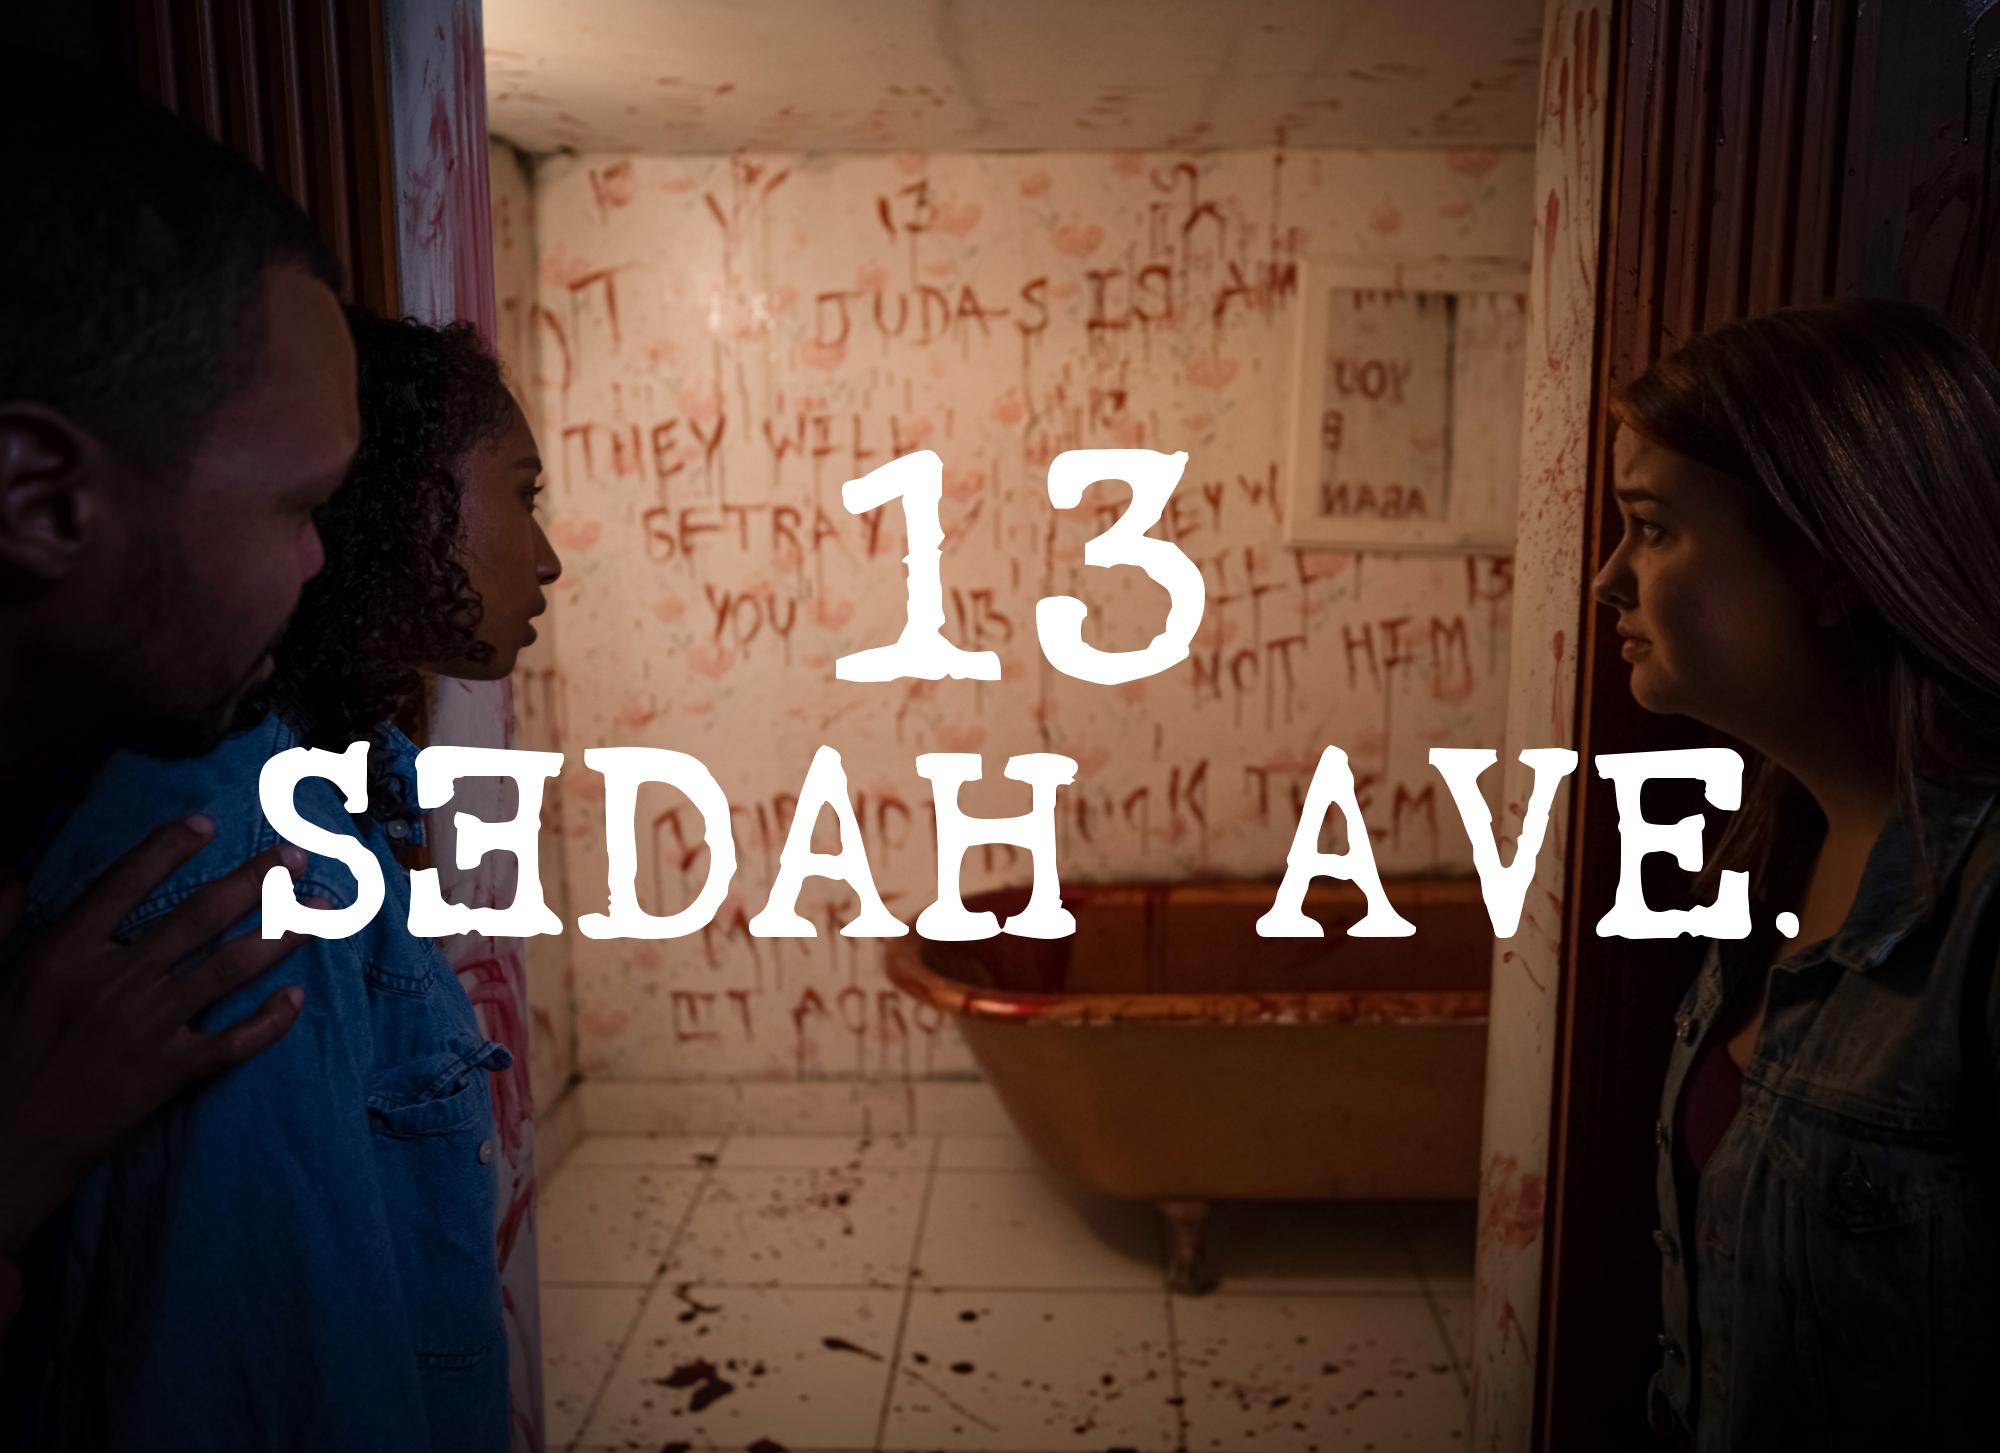 13 Sedah Ave - Website Teaser Image